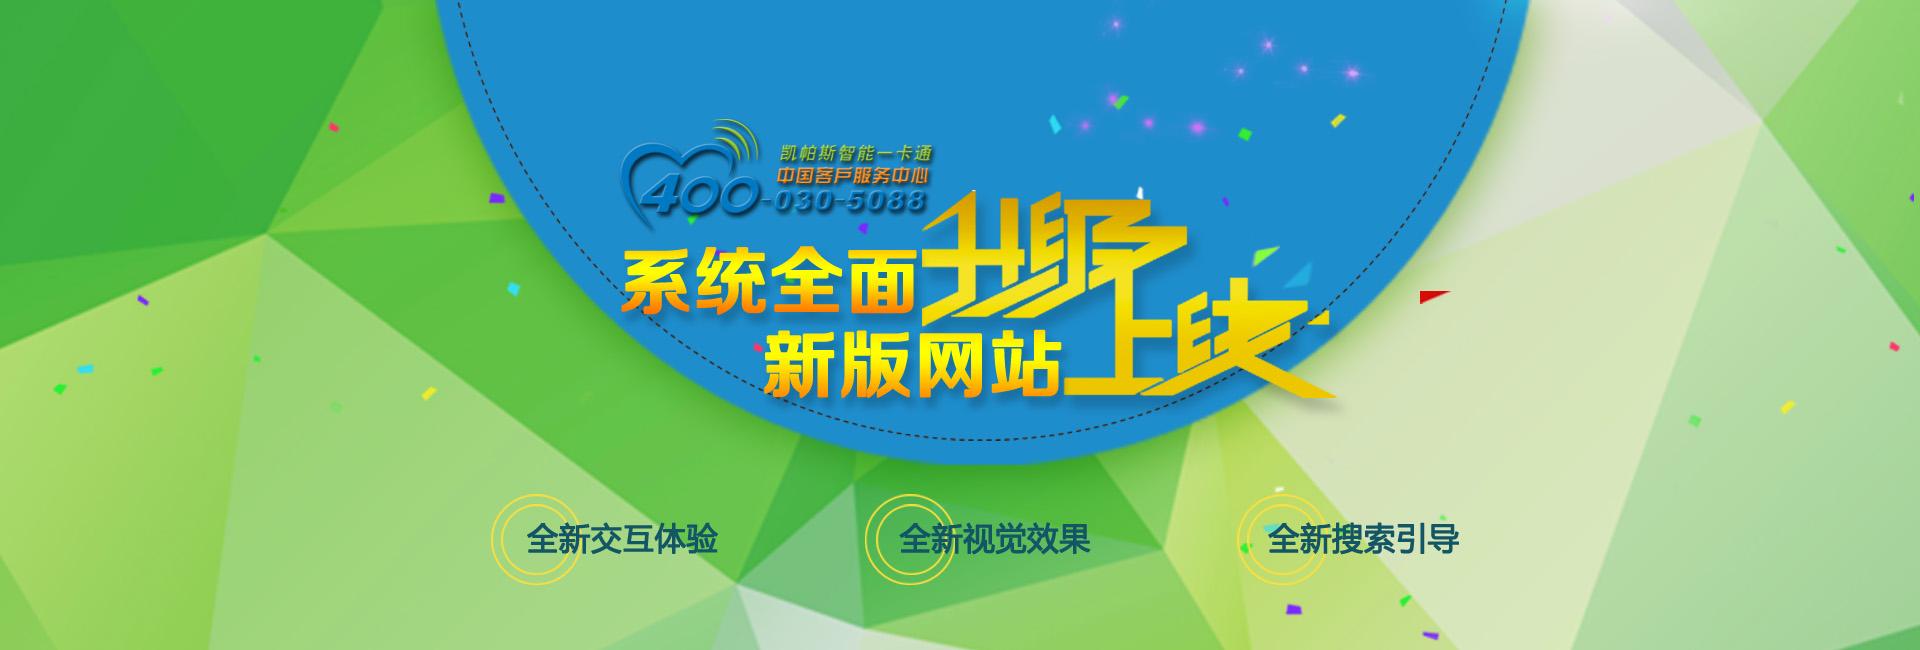 第四届物联网博览会